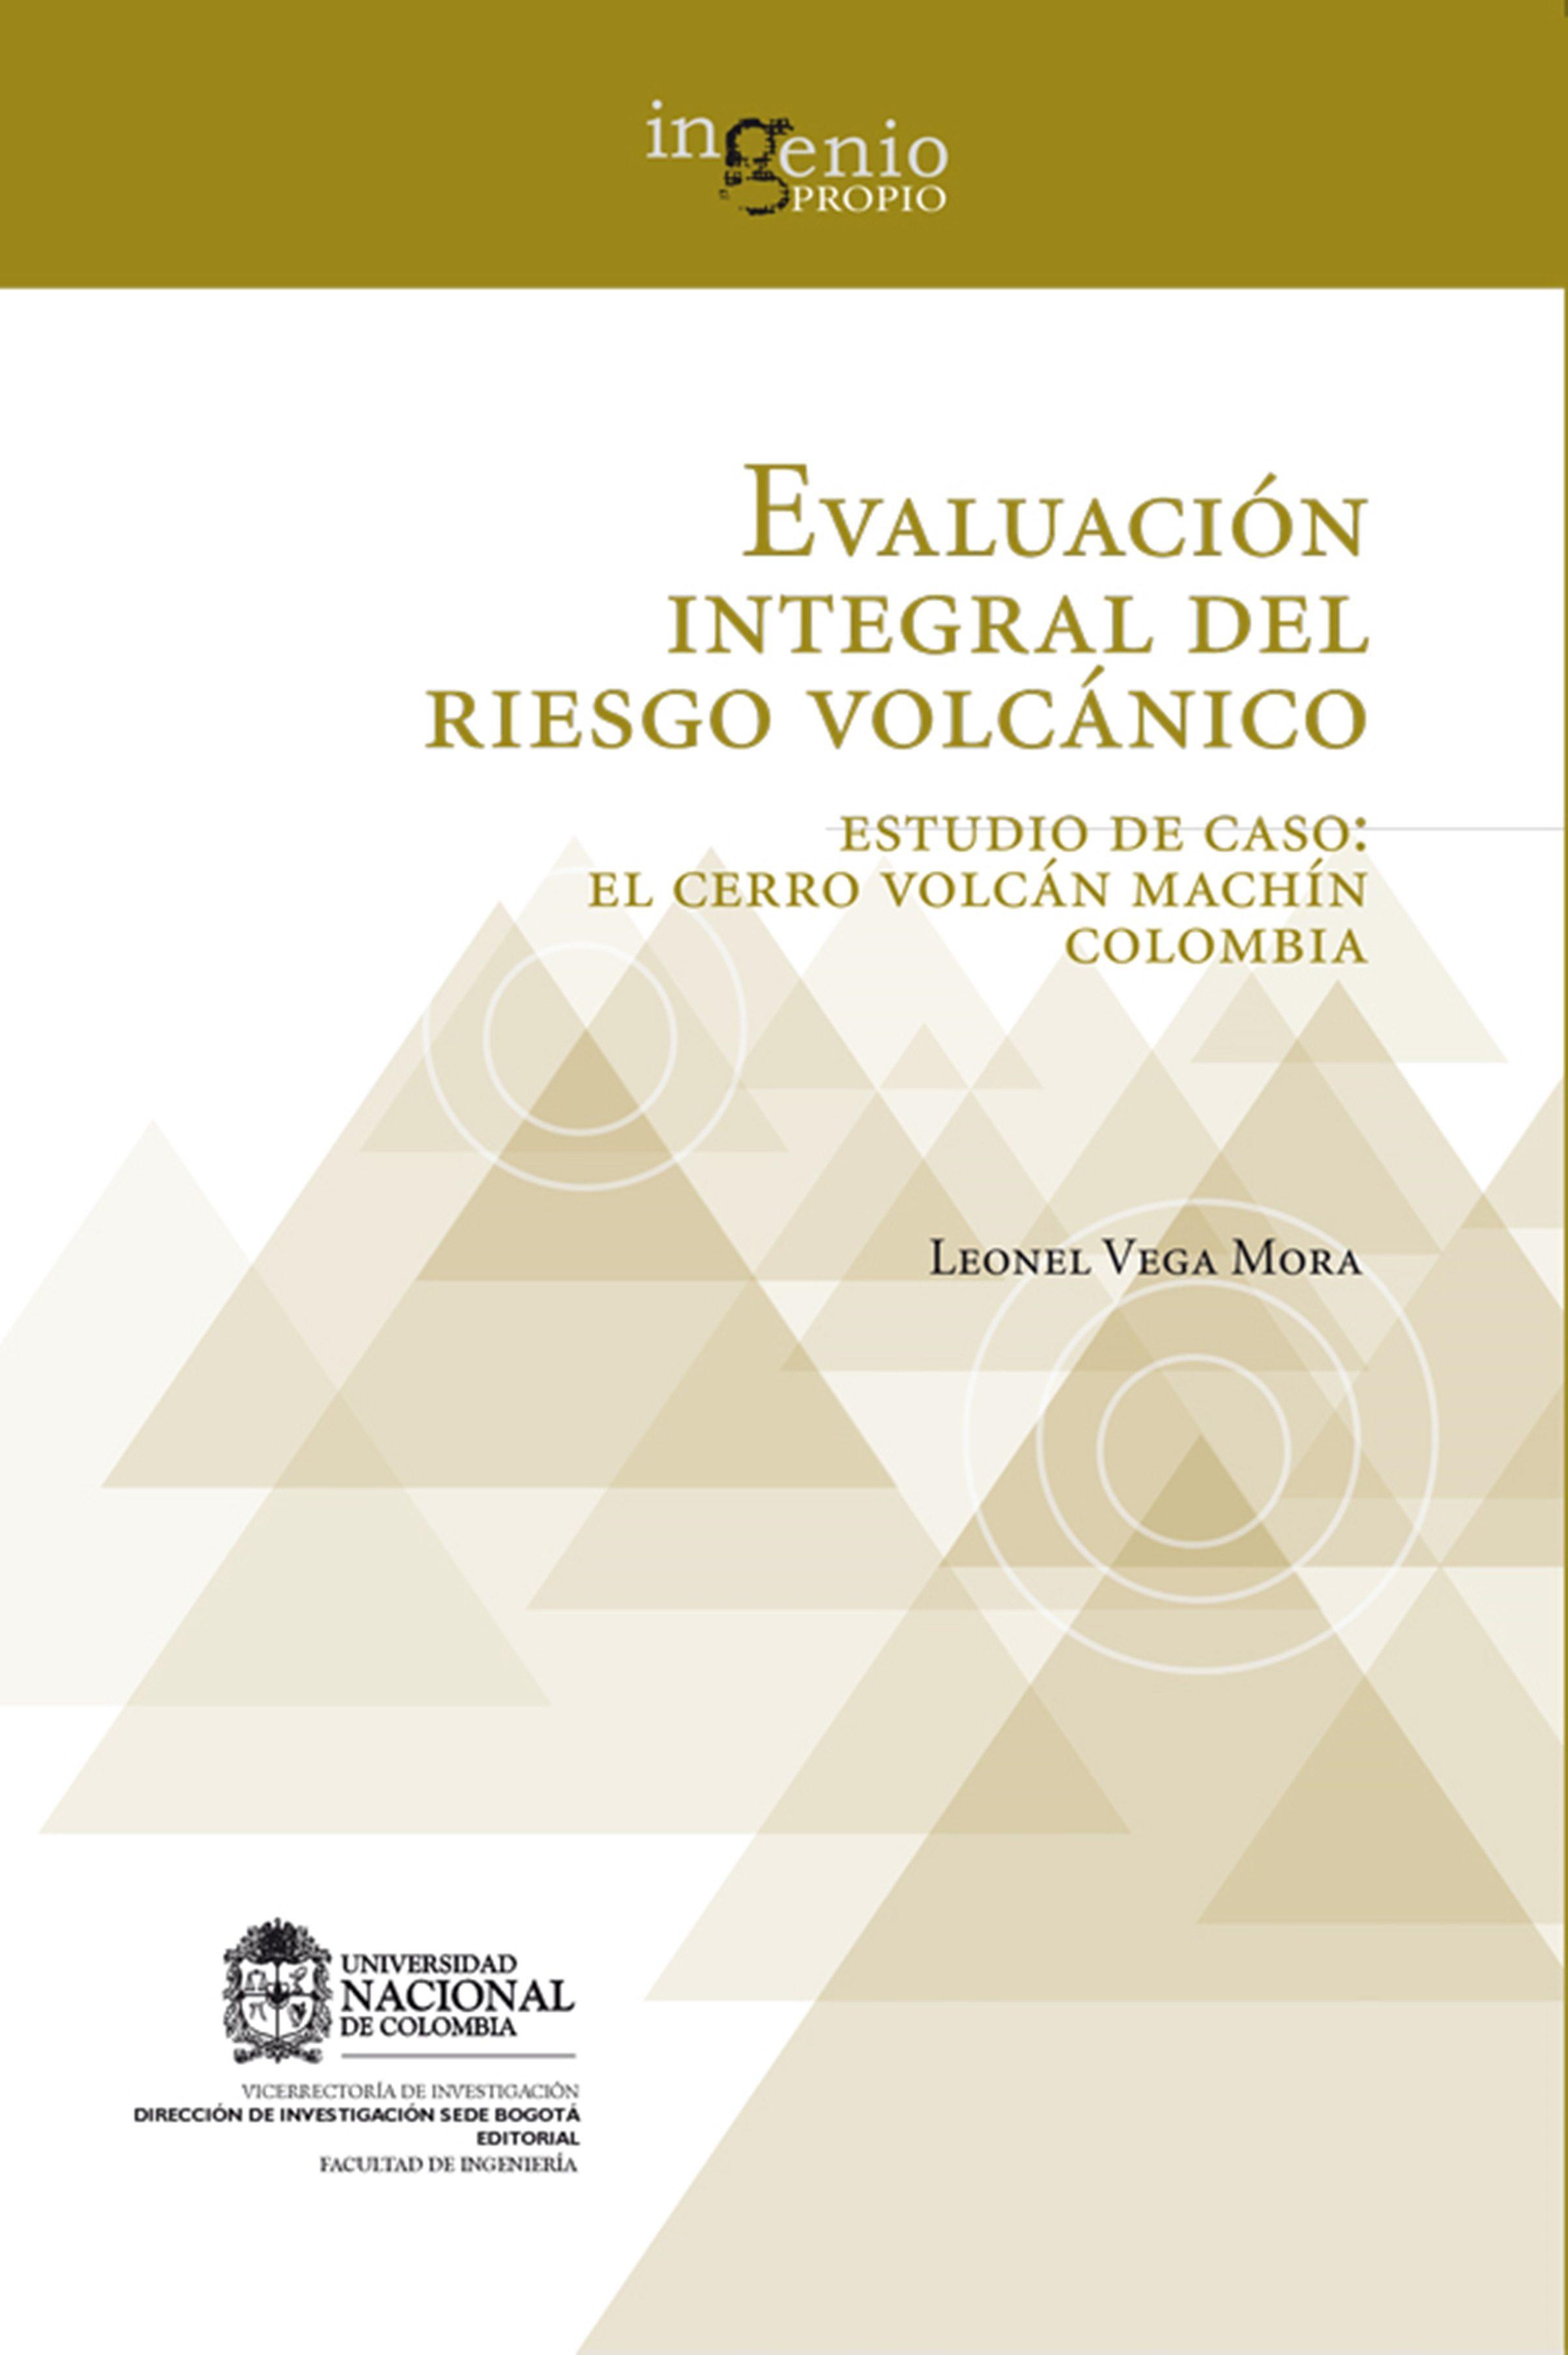 EVALUACIÓN INTEGRAL DEL RIESGO VOLCÁNICO. ESTUDIO DE CASO: EL CERRO VOLCÁN MACHÍN COLOMBIA (EBOOK)